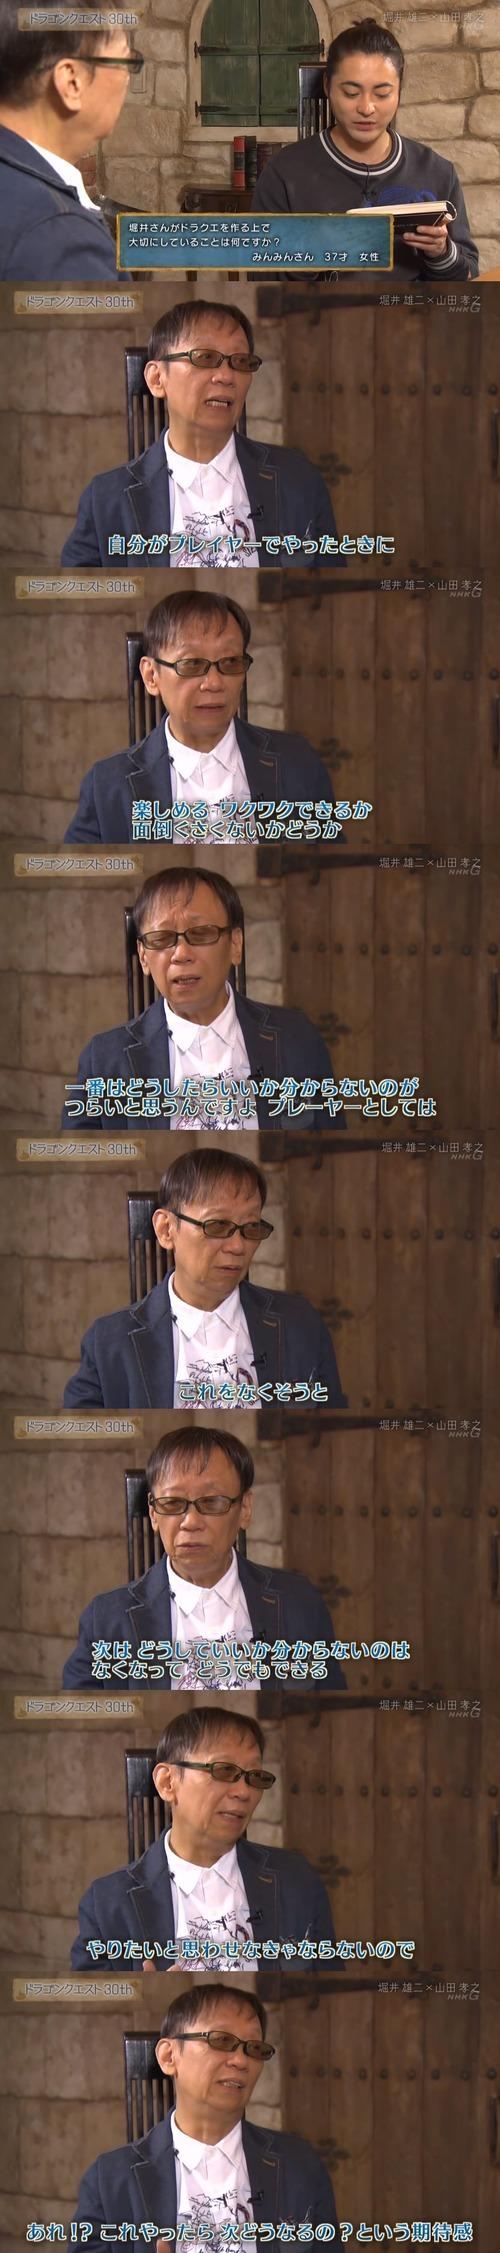 ドラクエ1発売時の堀井雄二「プレイヤーの身になってゲームを作る」